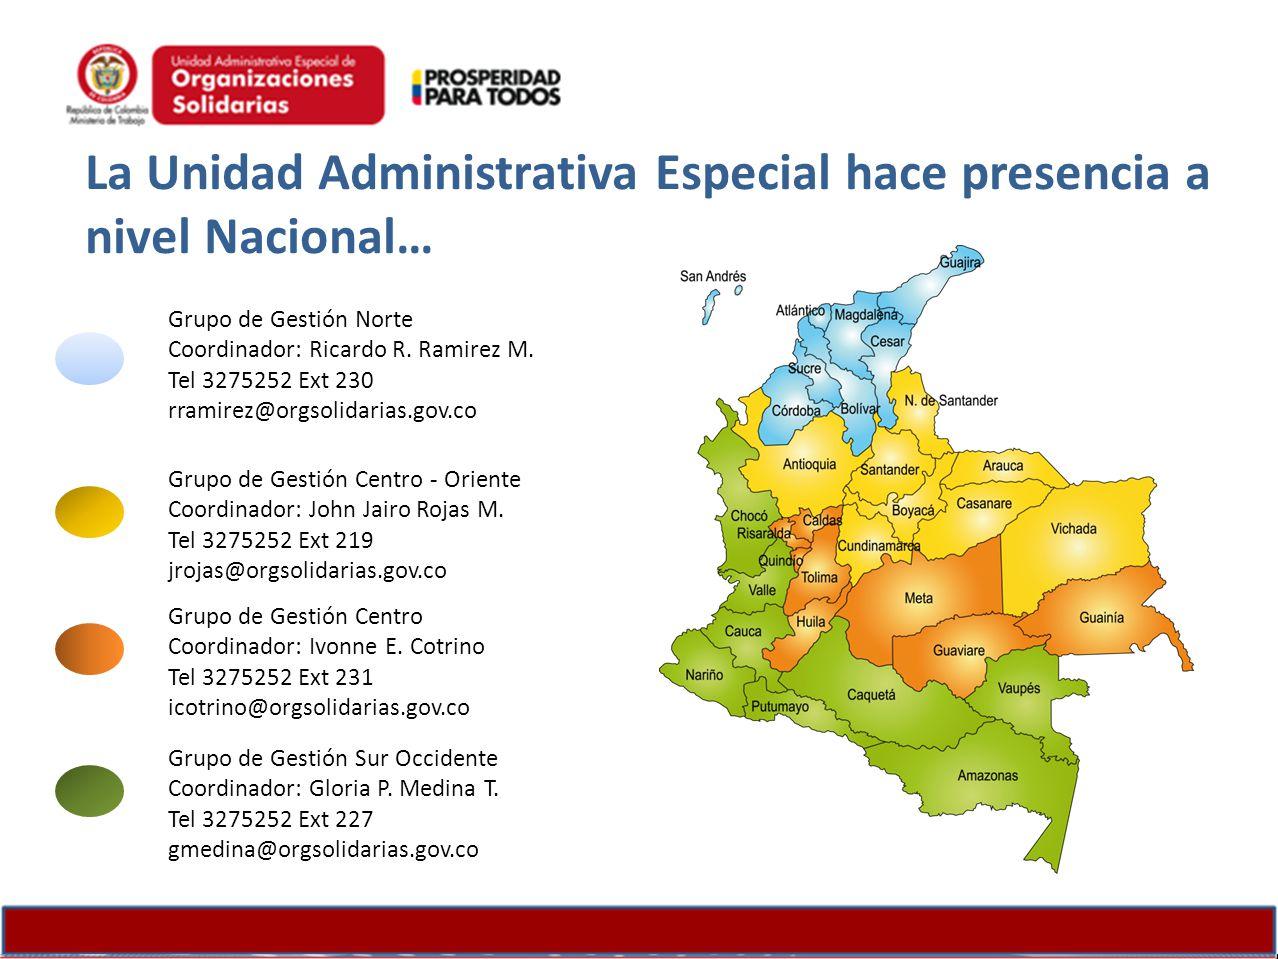 La Unidad Administrativa Especial hace presencia a nivel Nacional…